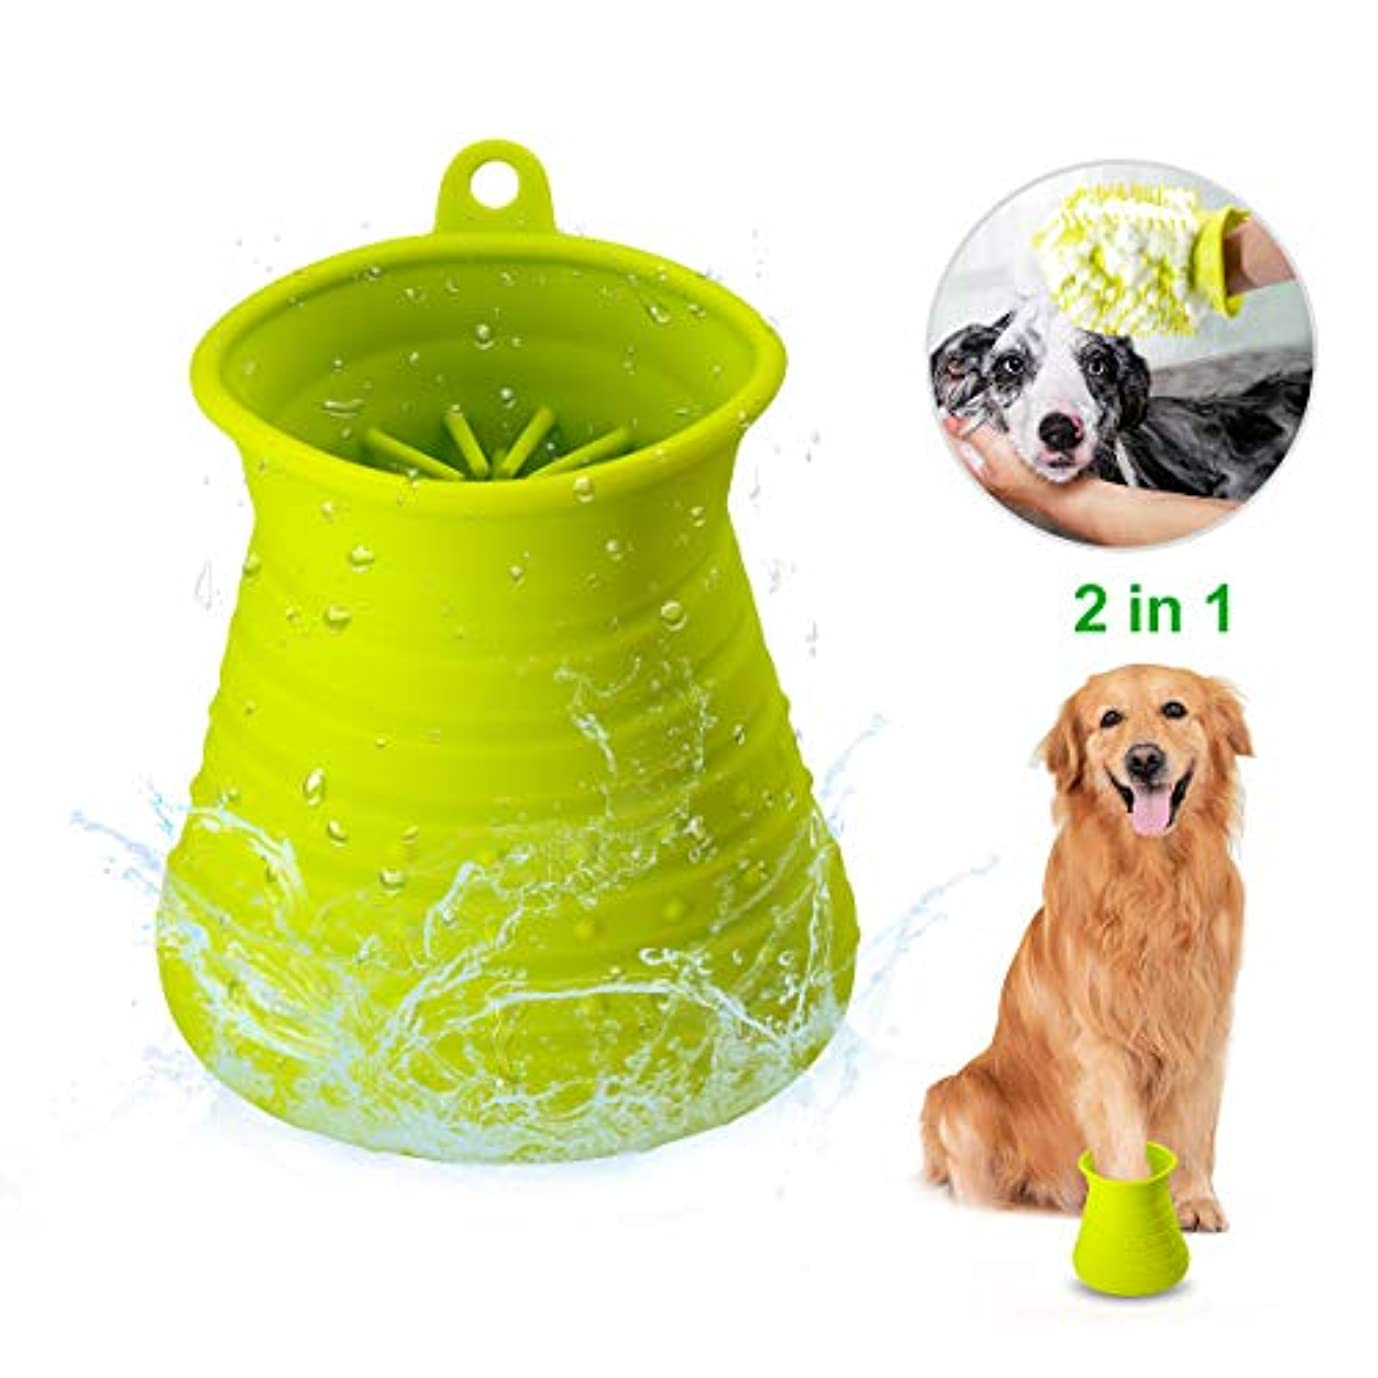 致命的な苦しむ憧れ犬 足洗いカップ SPAZEL ペット 足 クリーナー シリコーン製 使いやすい 洗浄力抜群 柔軟 マッサージ効果 携帯便利 小型中型 犬 猫 最適